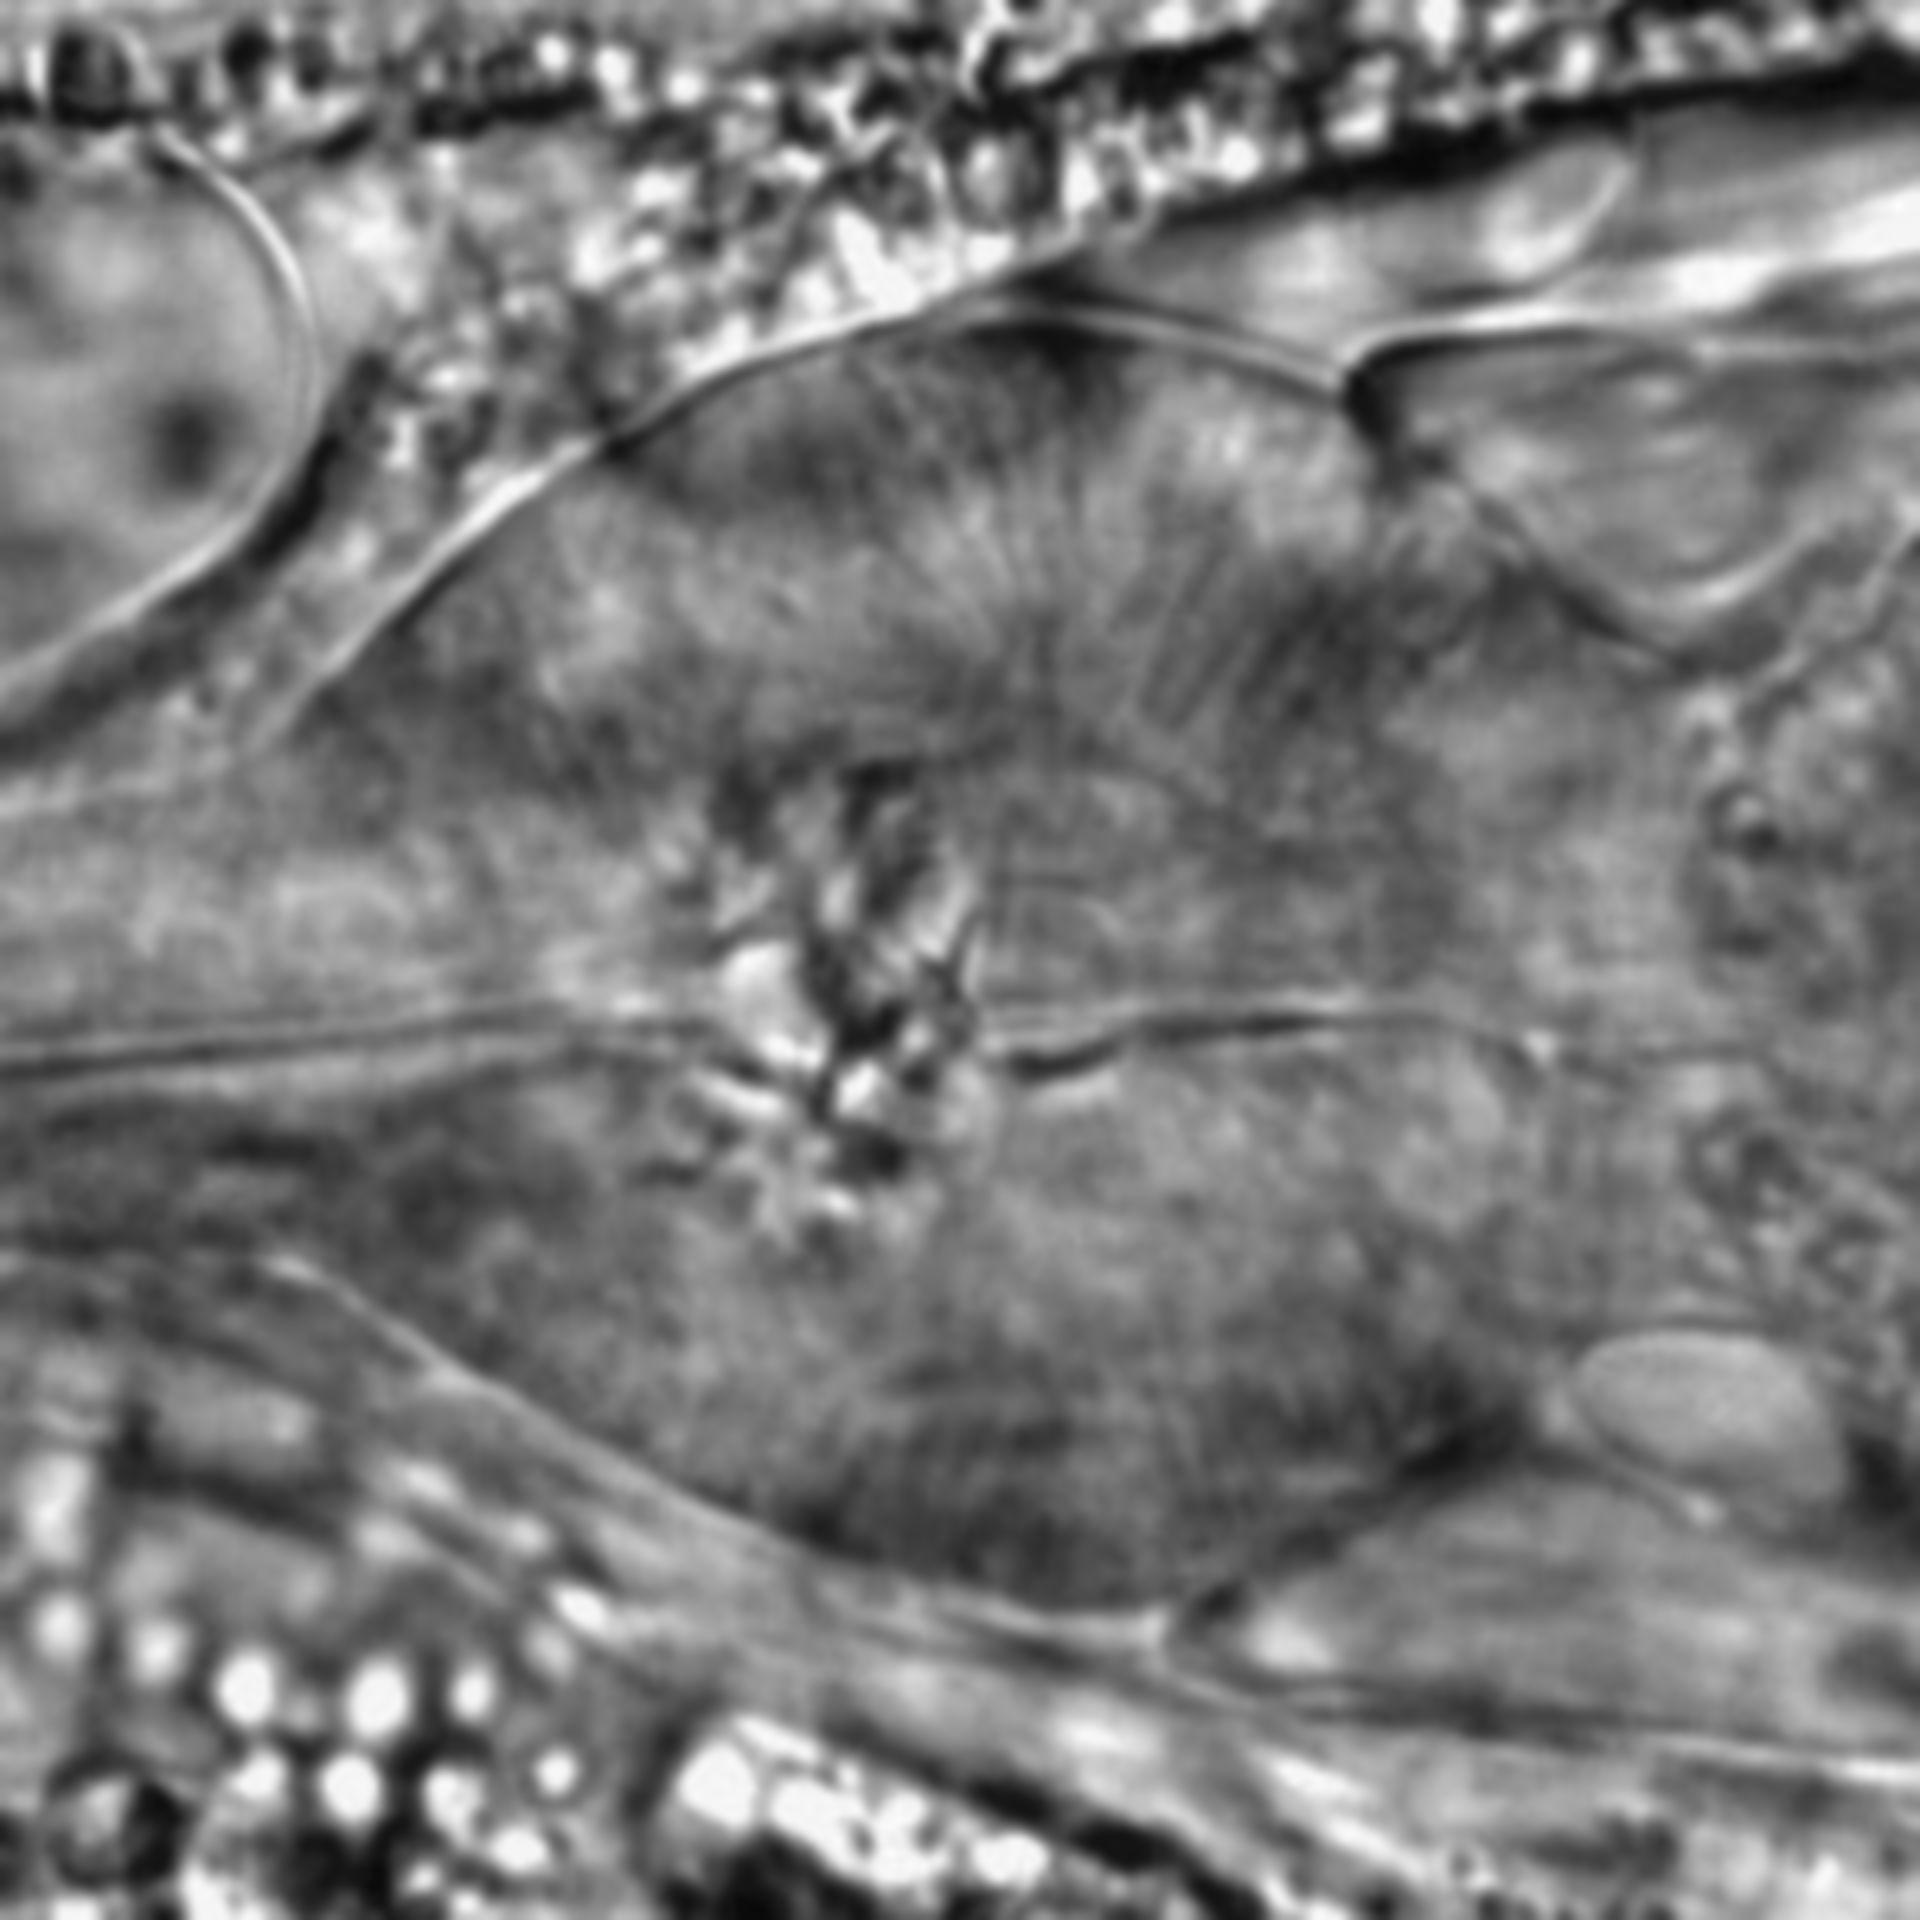 Caenorhabditis elegans - CIL:1780